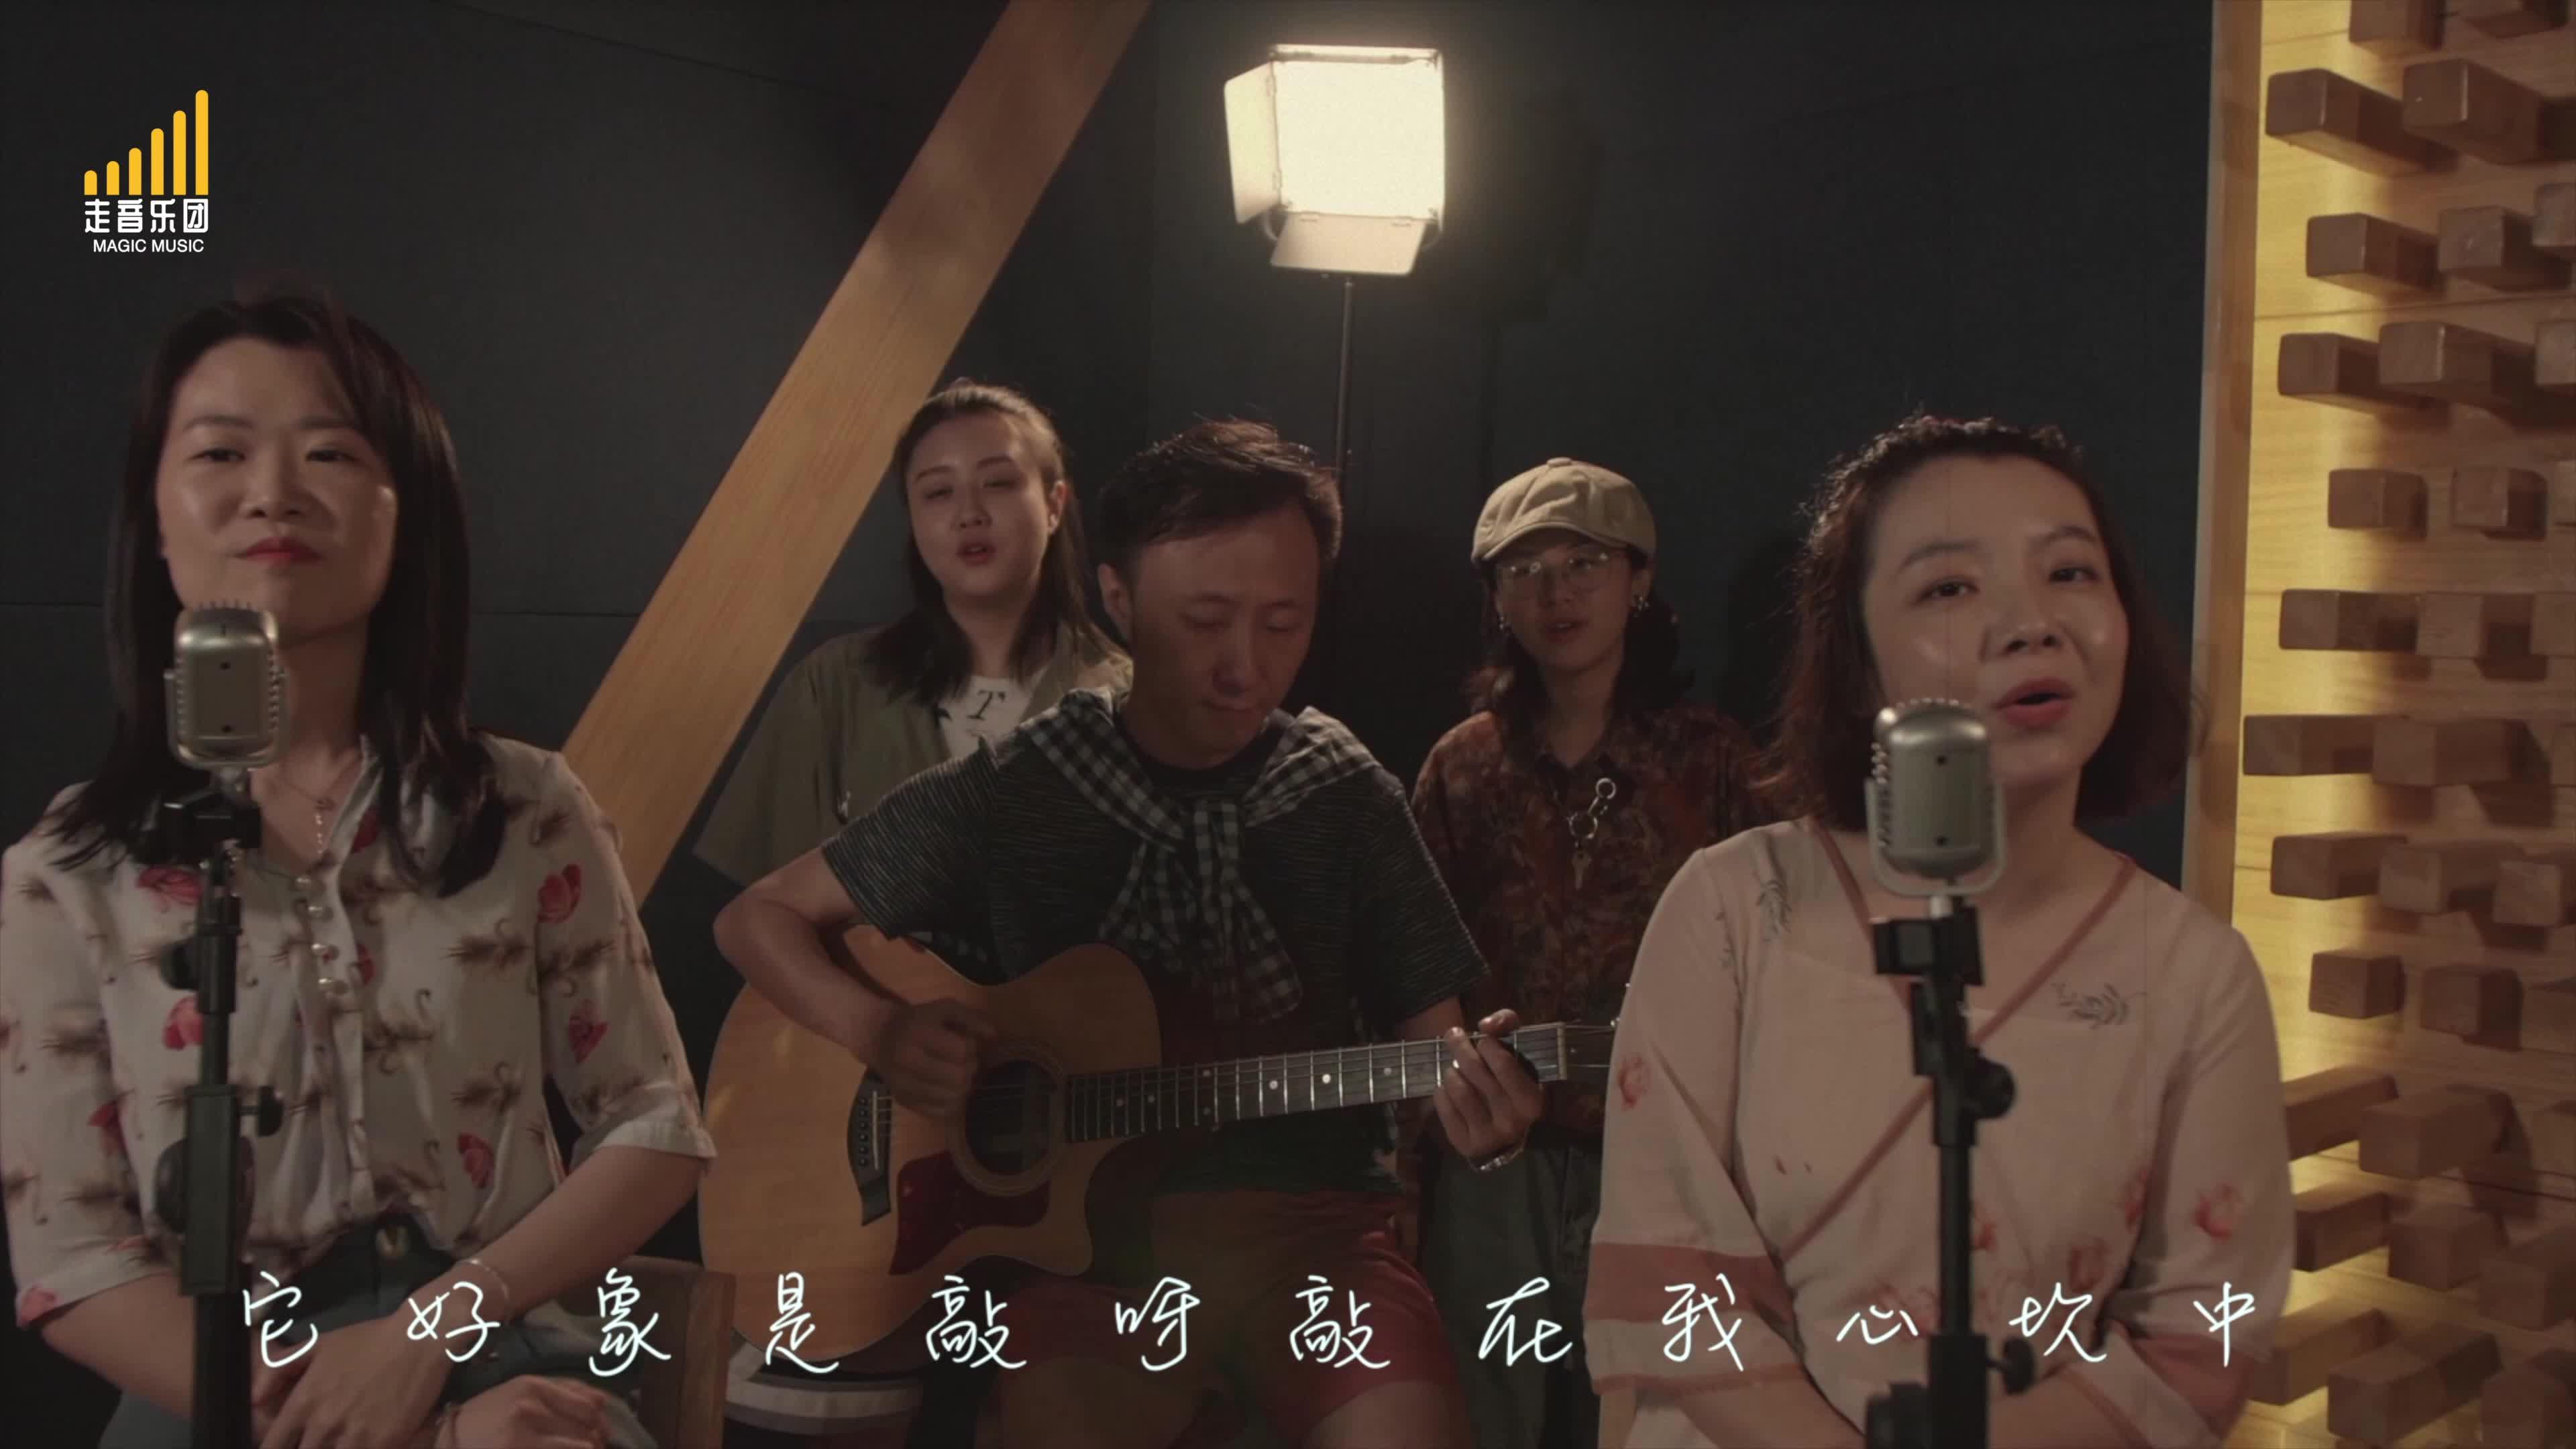 【走音乐团】《今宵多珍重 南屏晚钟》弹唱合体版